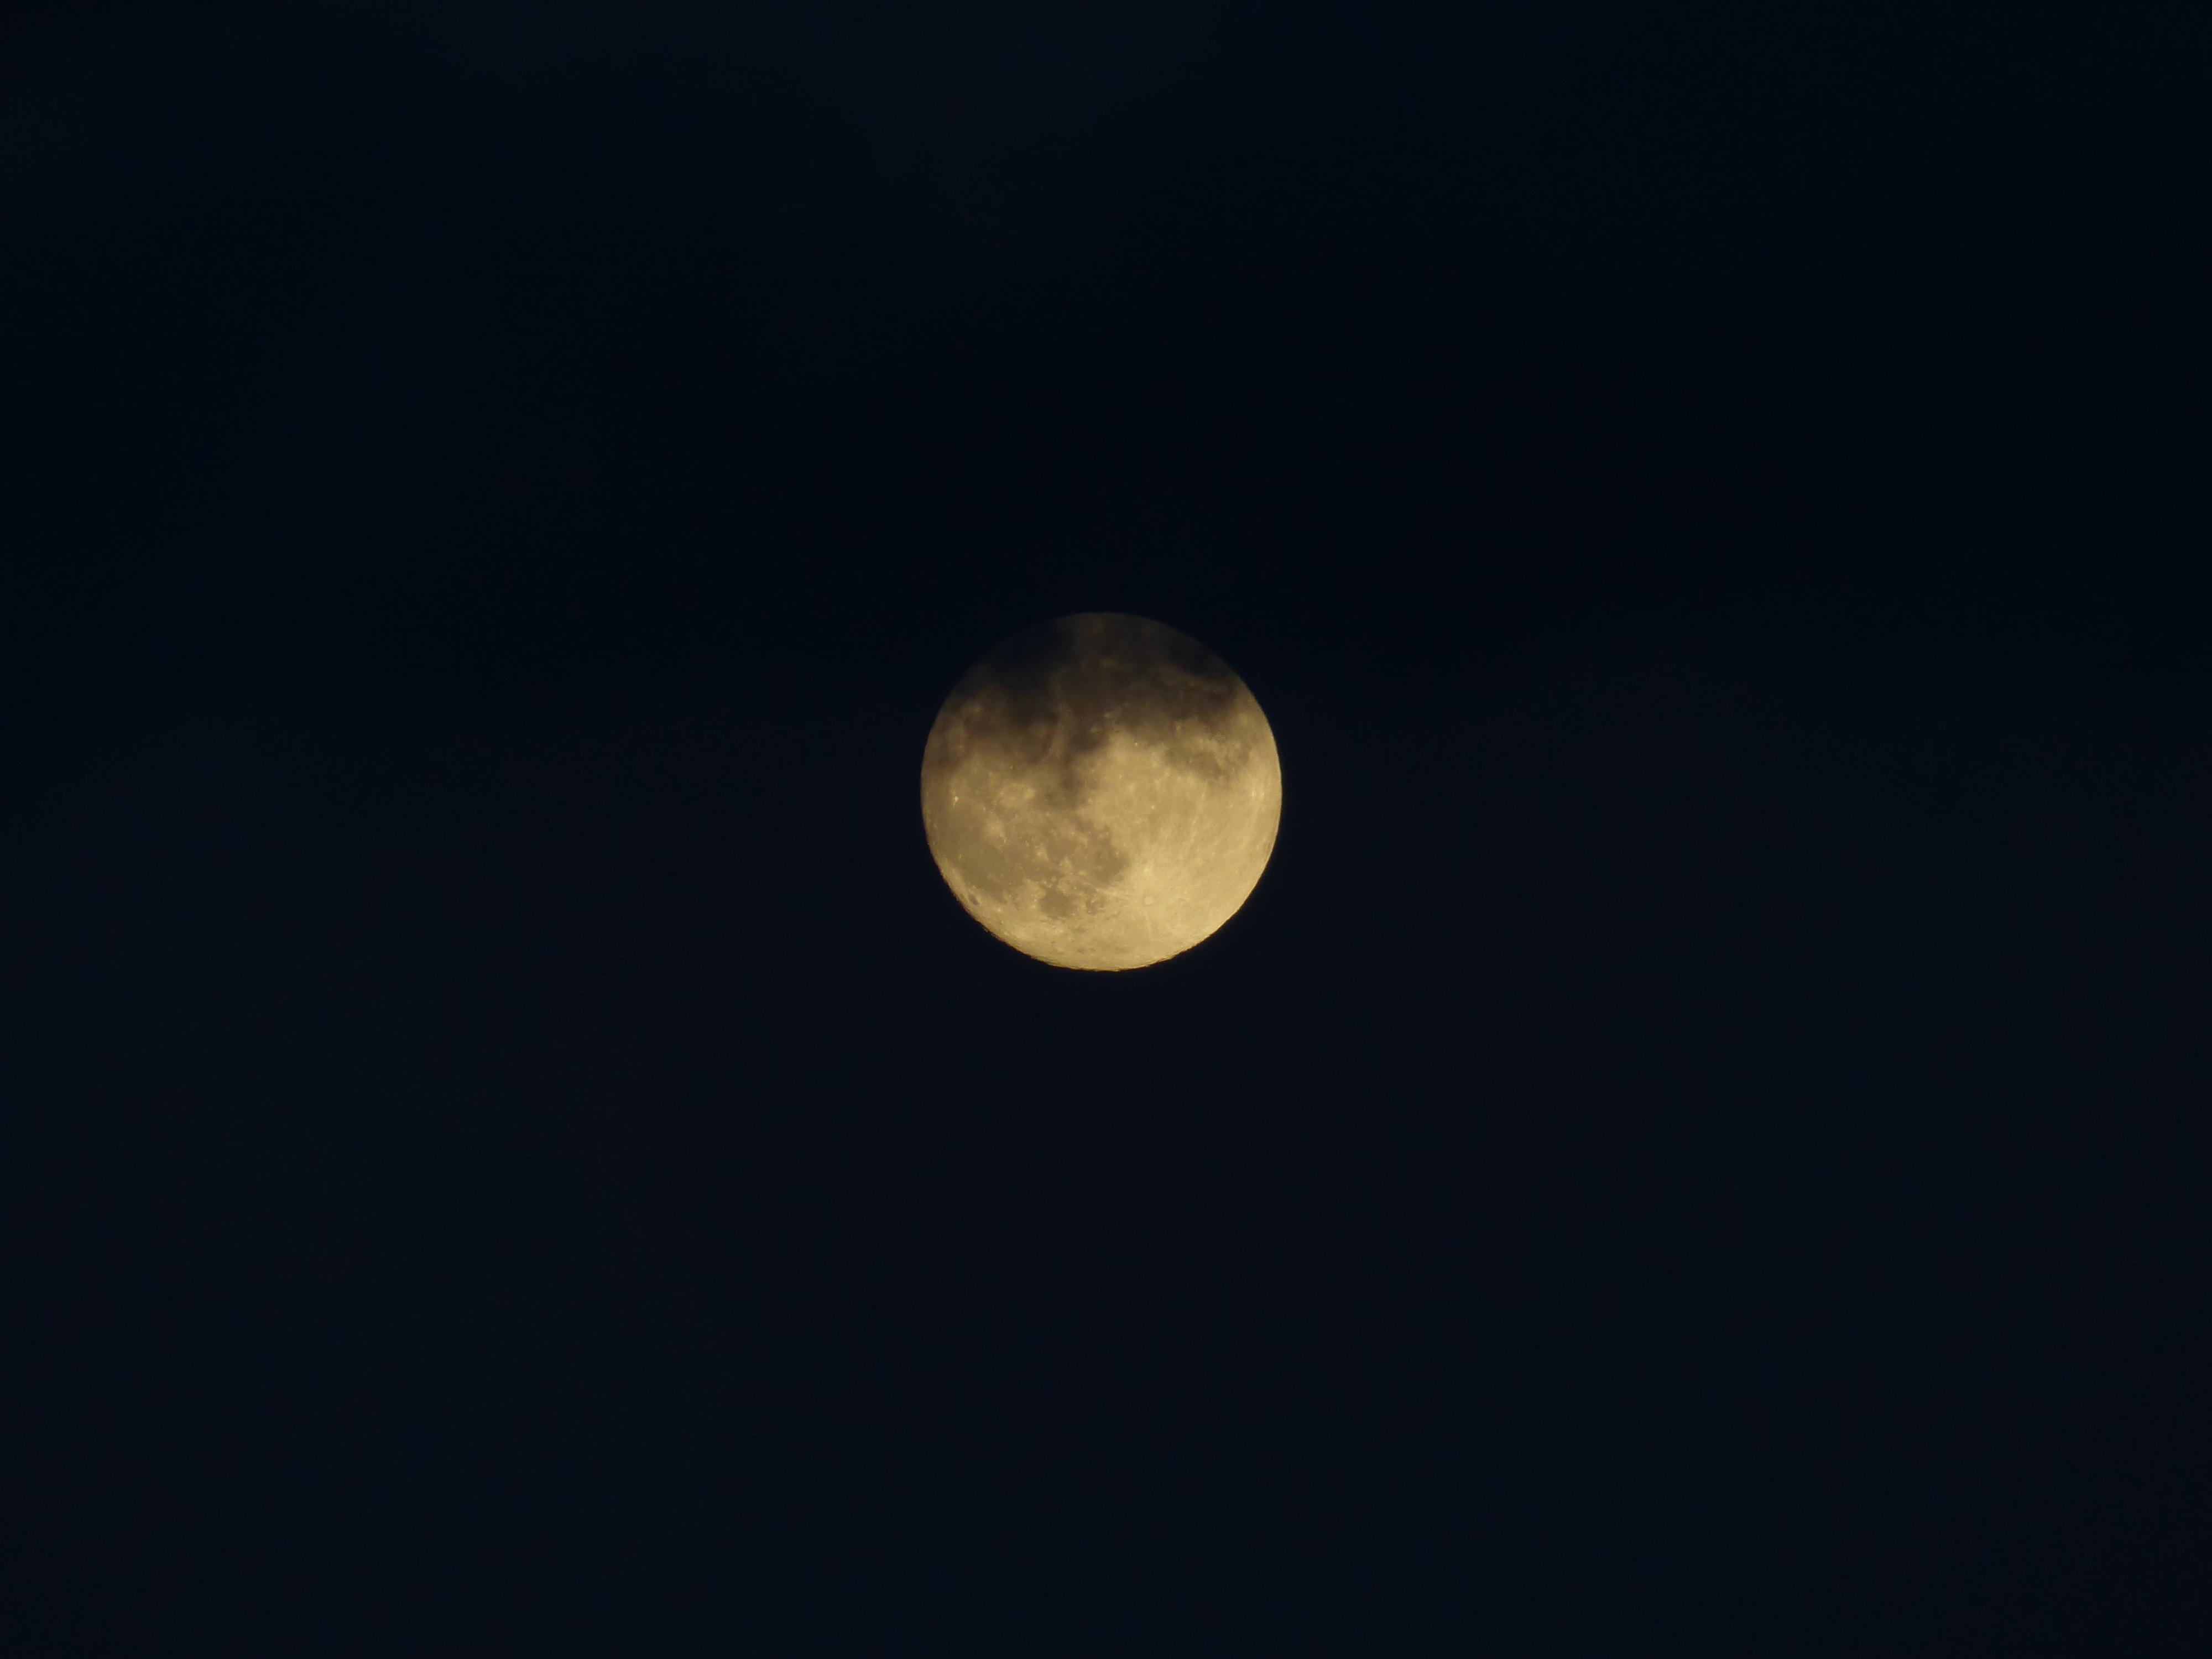 Exceptionnel Images Gratuites : nuit, atmosphère, mystique, obscurité, pleine  RQ63